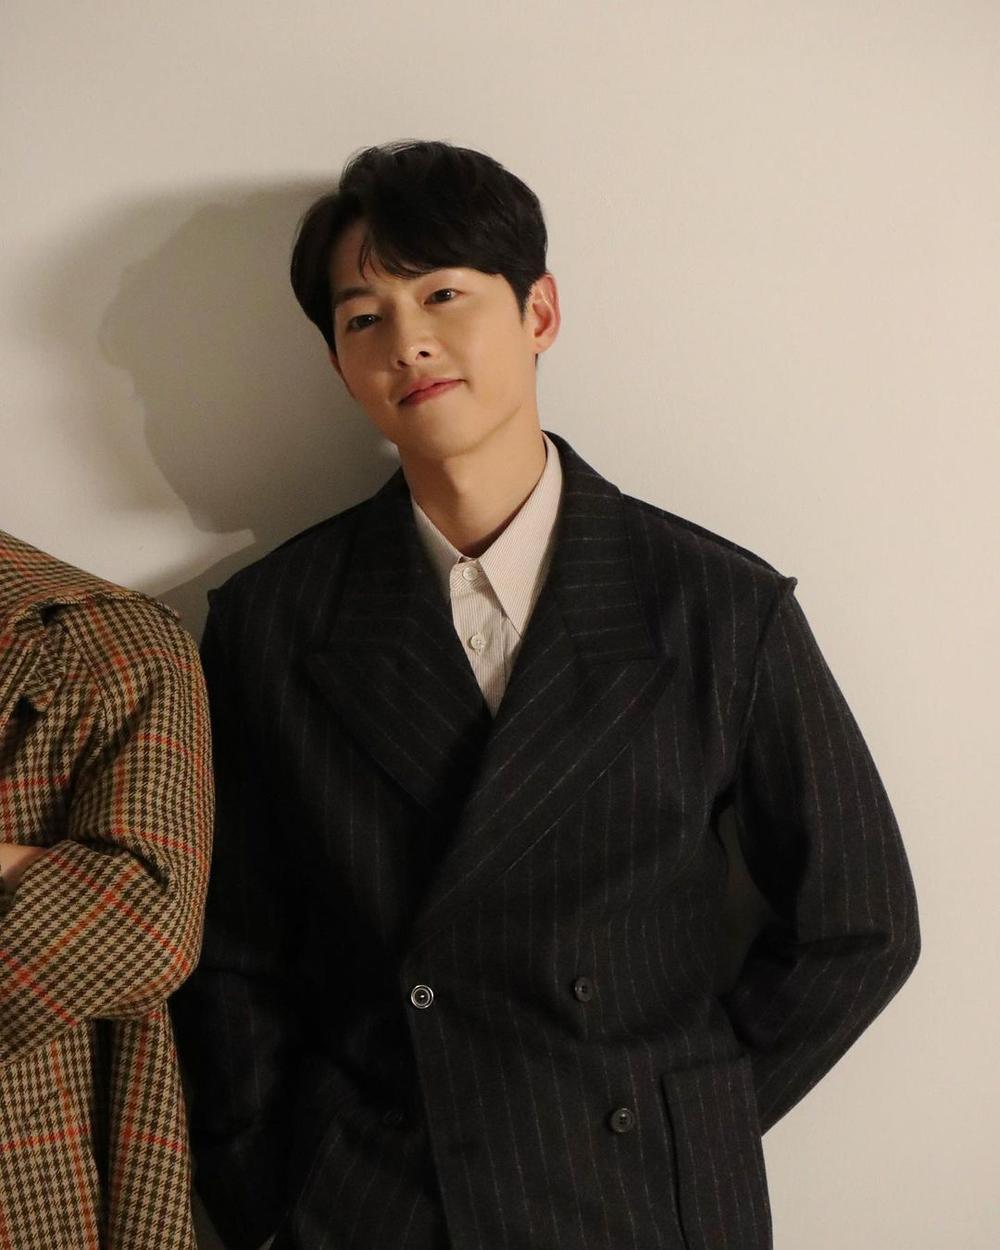 'Vợ chồng' Song Hye Kyo - Song Joong Ki đọ sắc: 'Em không là nàng thơ, anh cũng không là nhạc sĩ mộng mơ' Ảnh 2